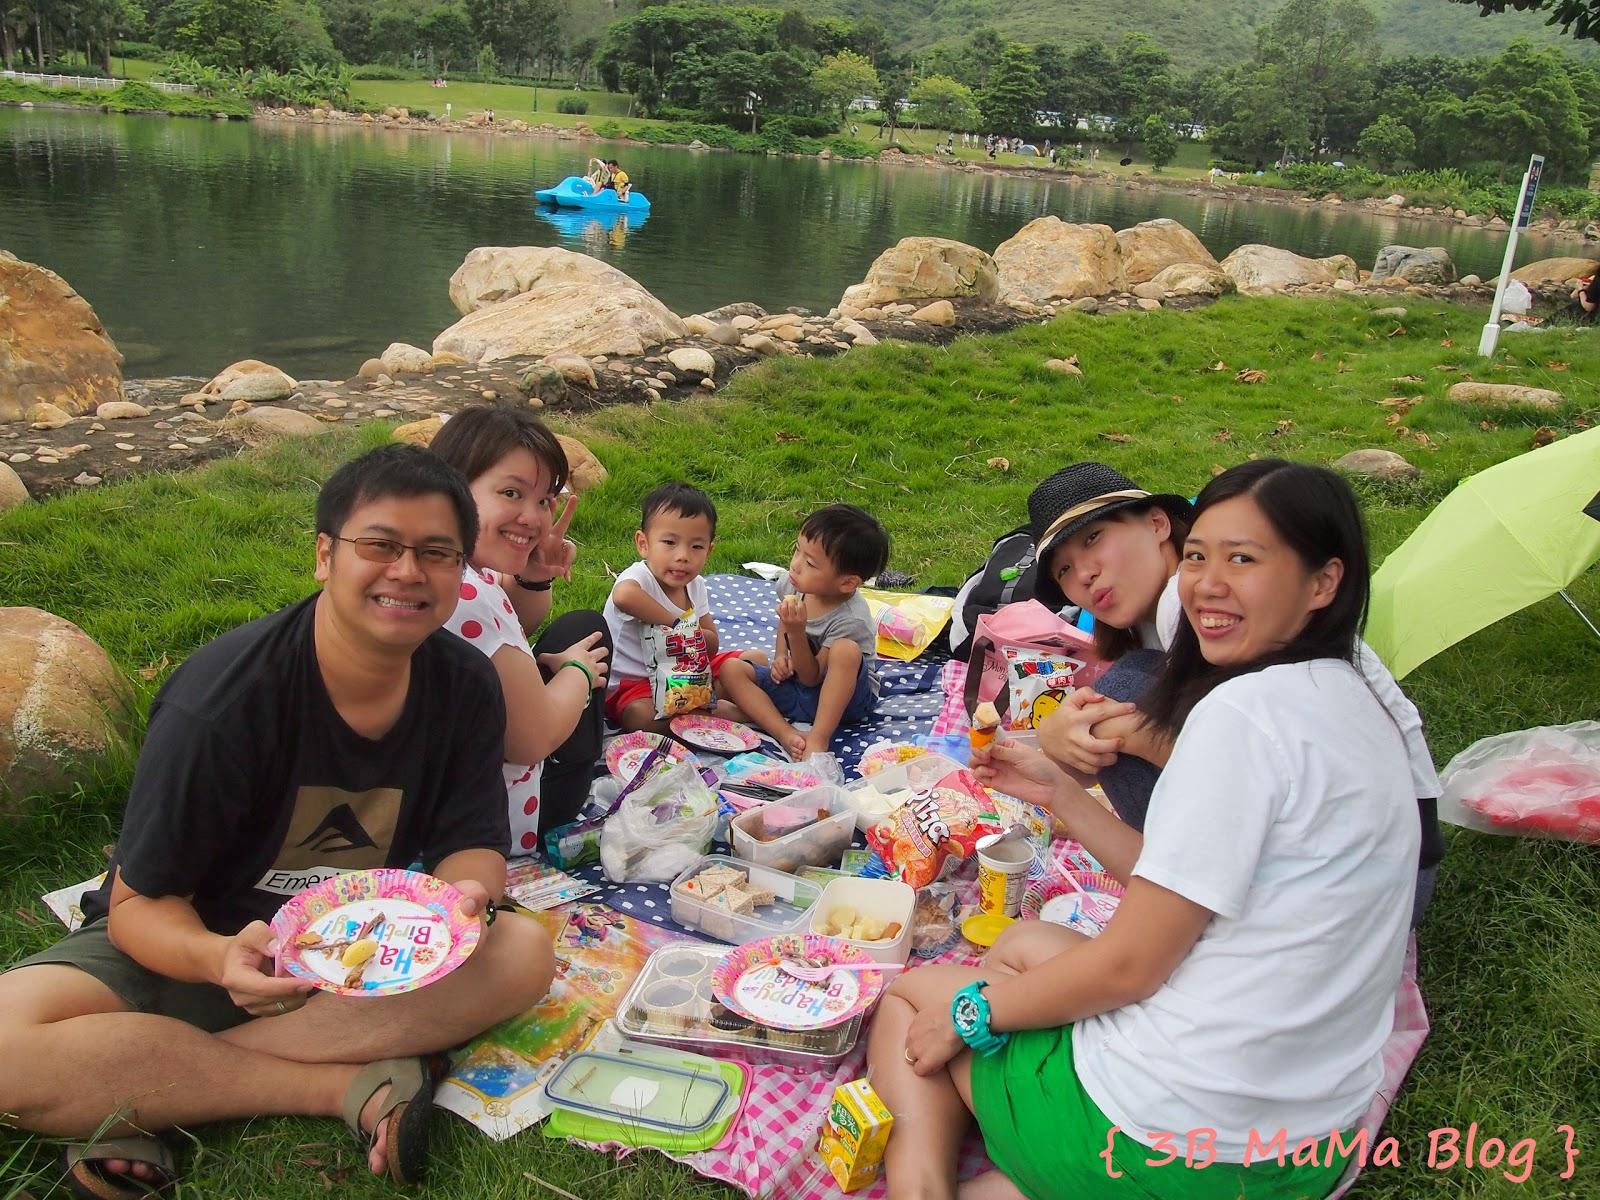 3B MaMa Blog: LONG WEEKENDの迪欣湖野餐